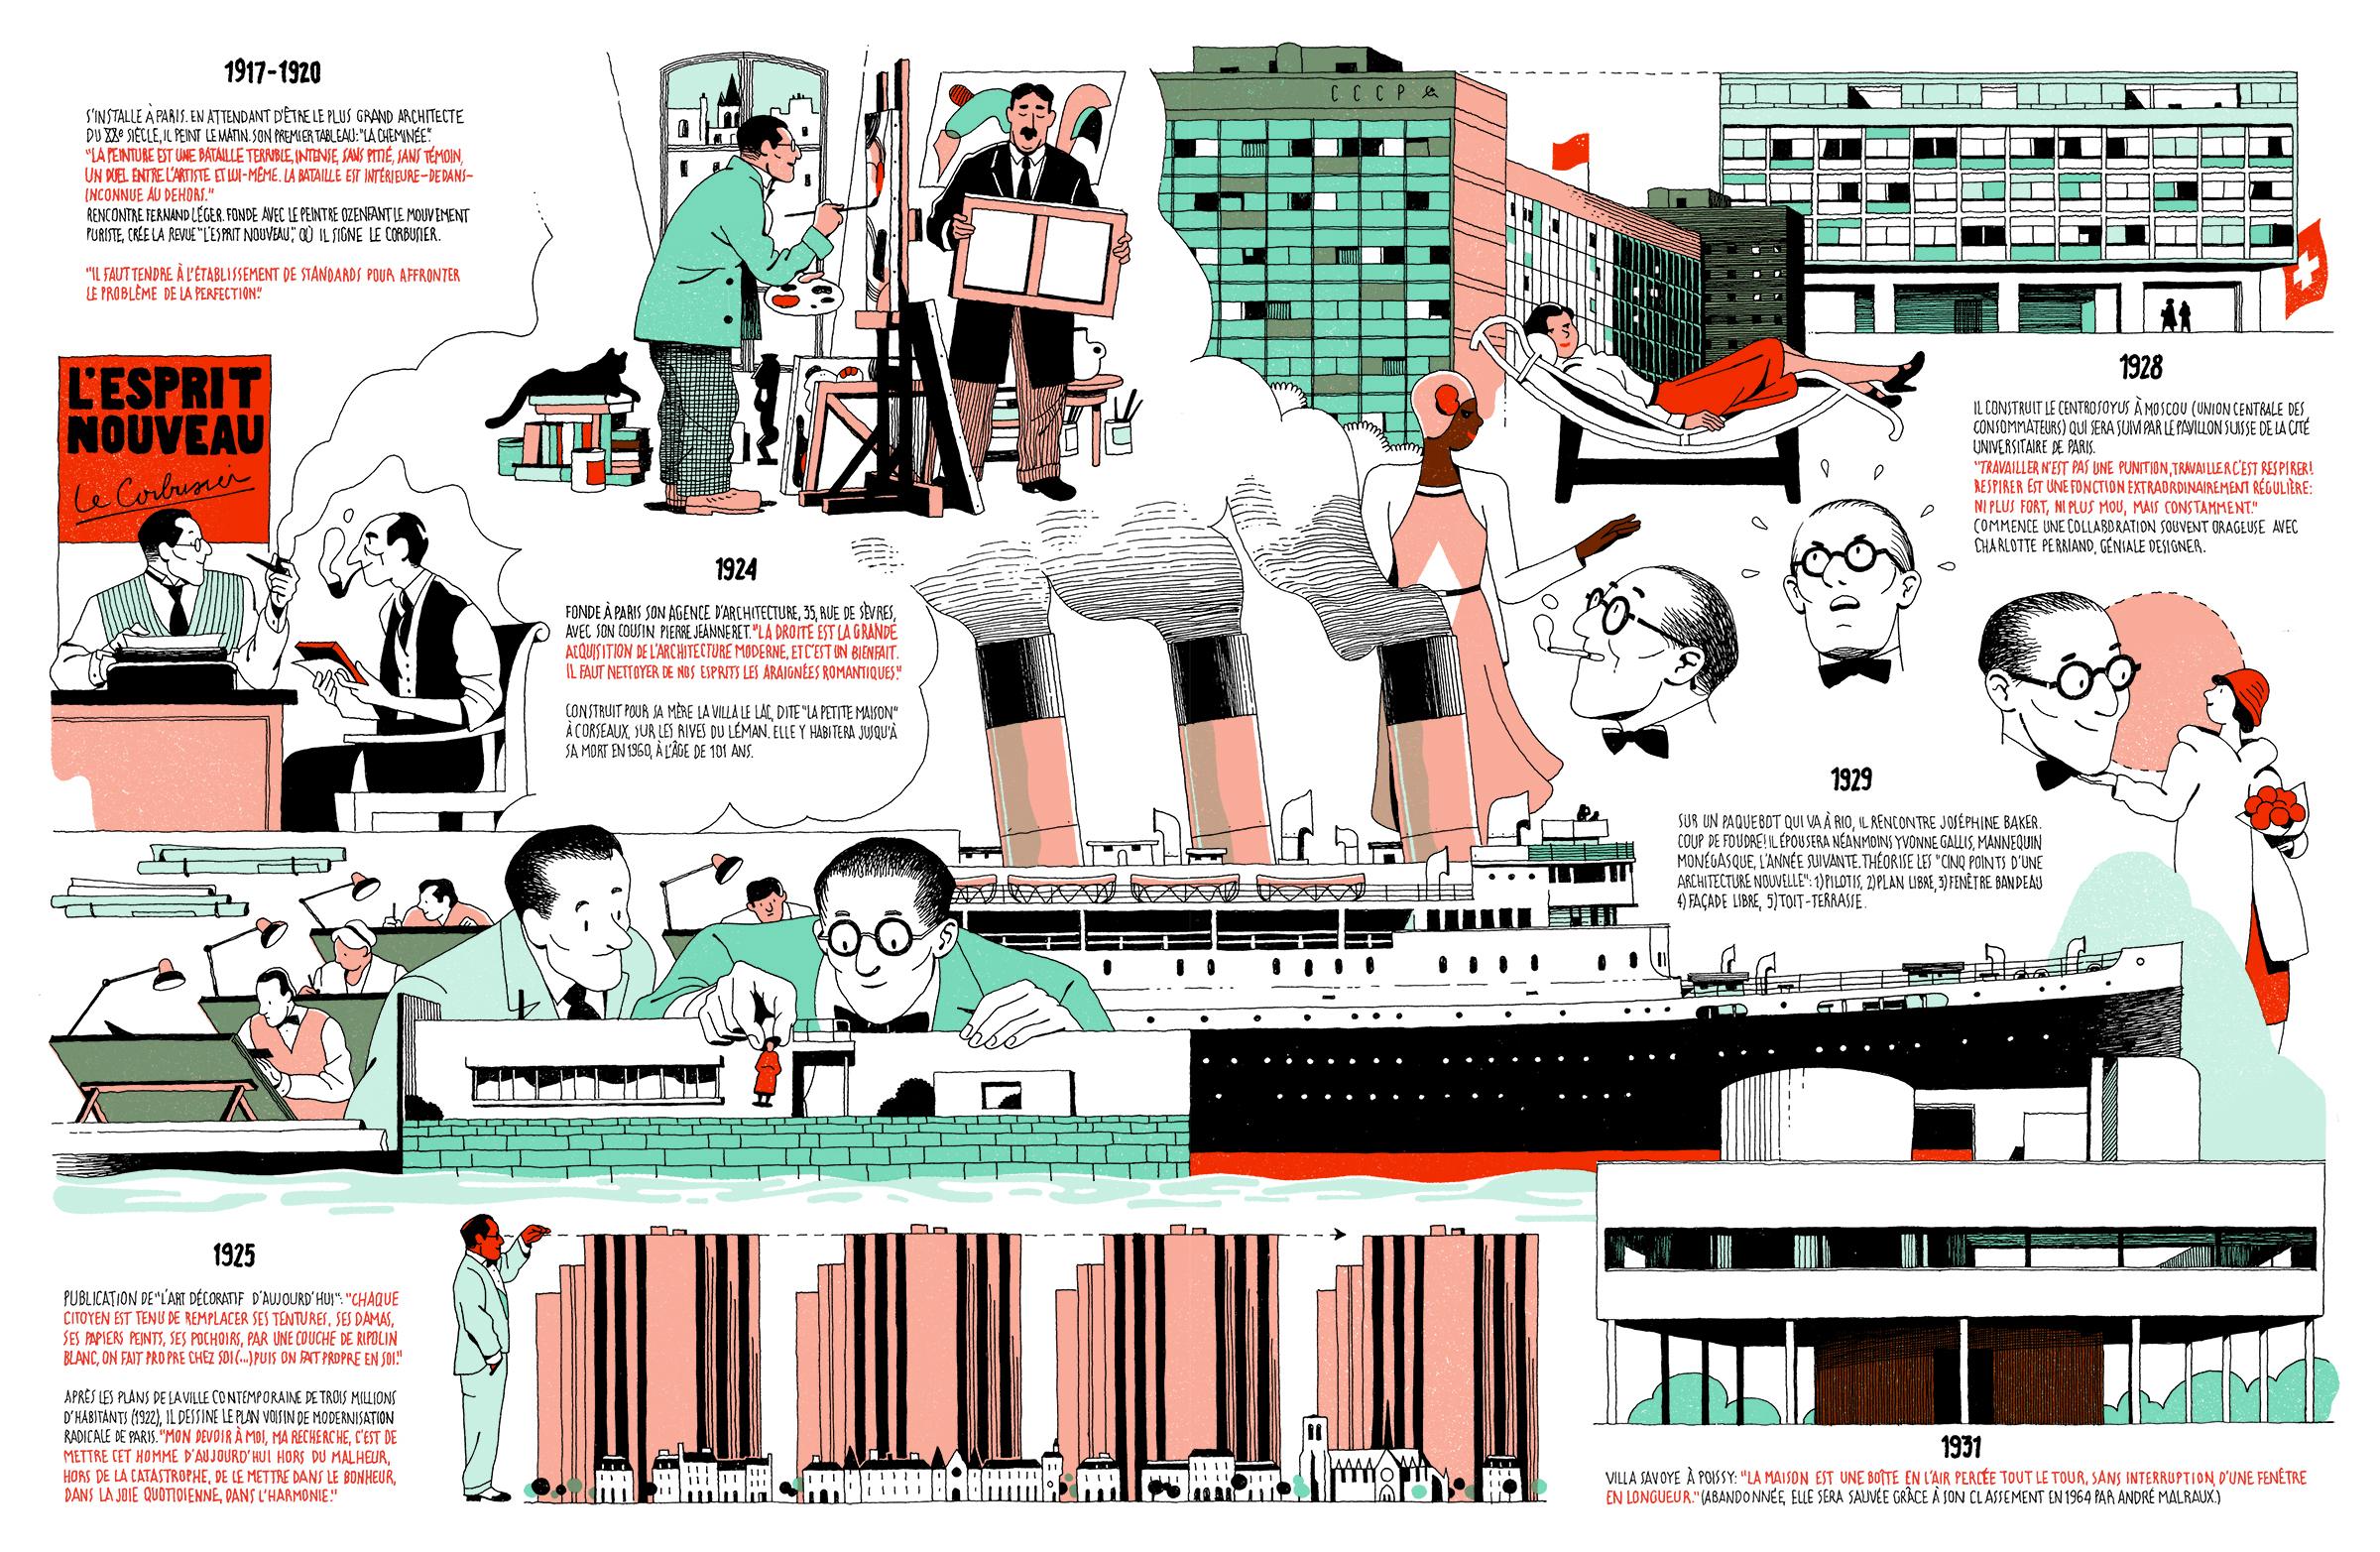 [[Le Corbusierillustrated by  Vincent Mahé /// Le Corbusier  illustré par  Vincent Mahé  ]]